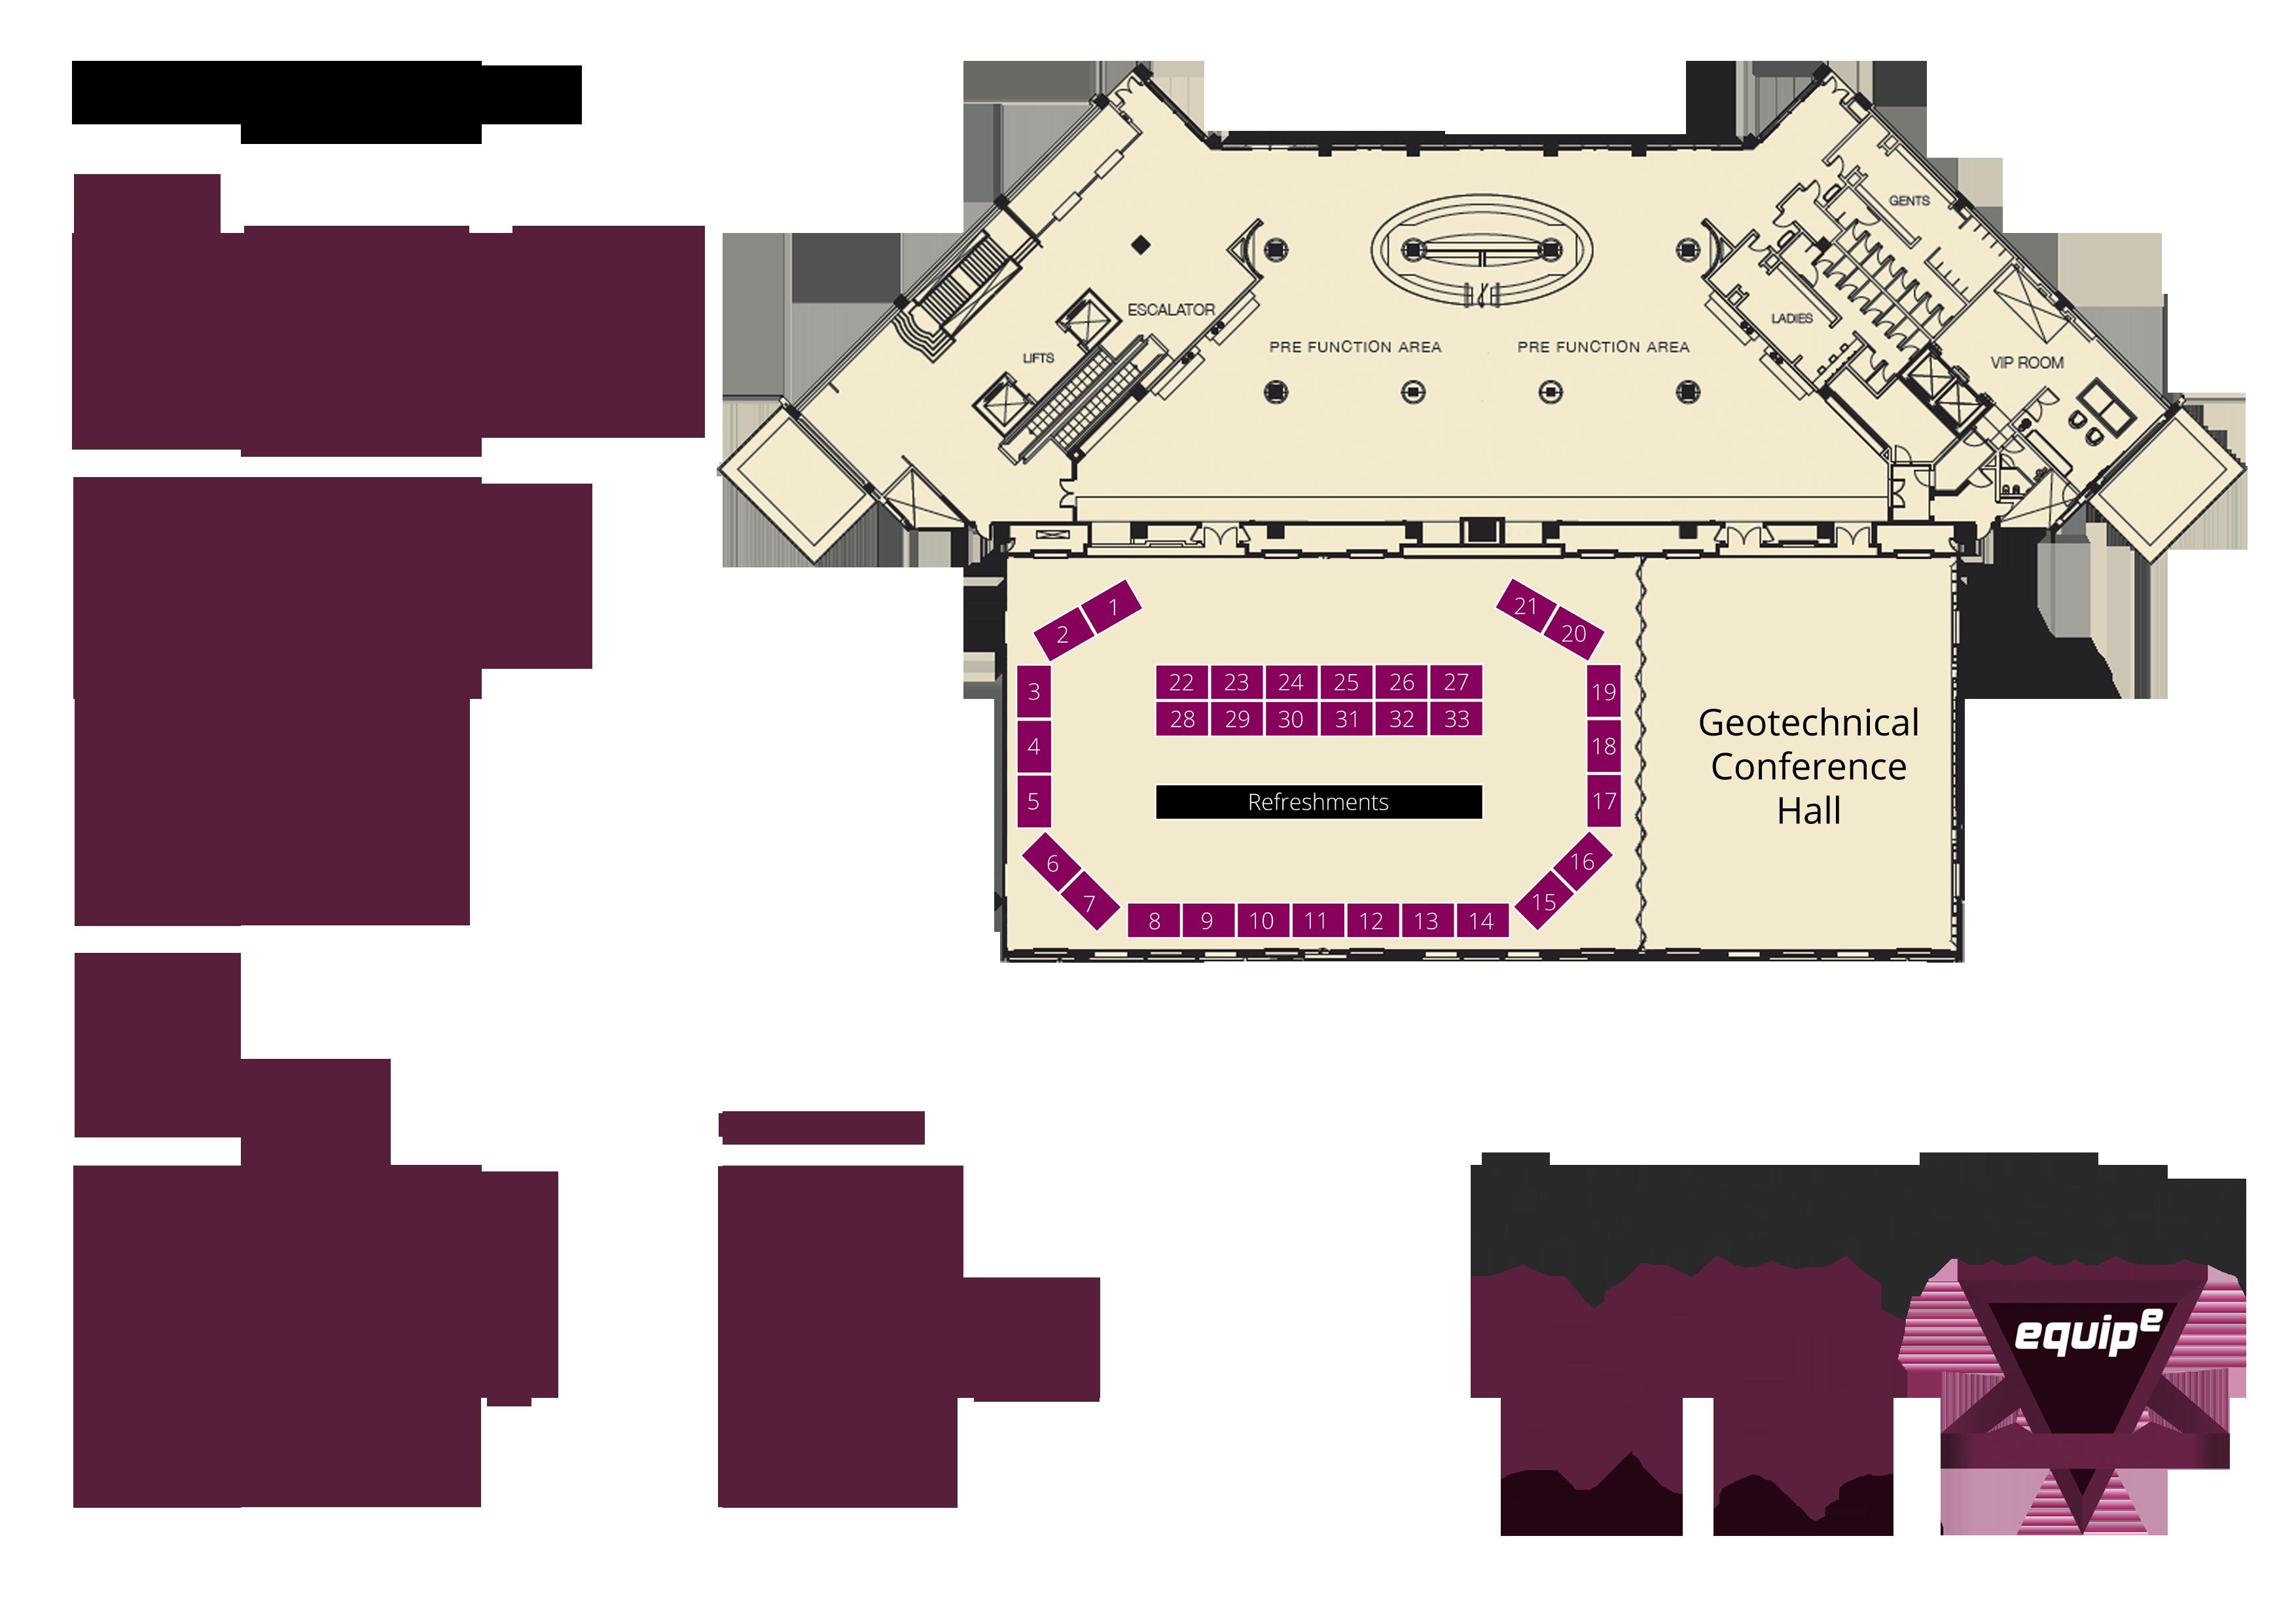 Event floor plans ltd gurus floor for Event floor plan layout